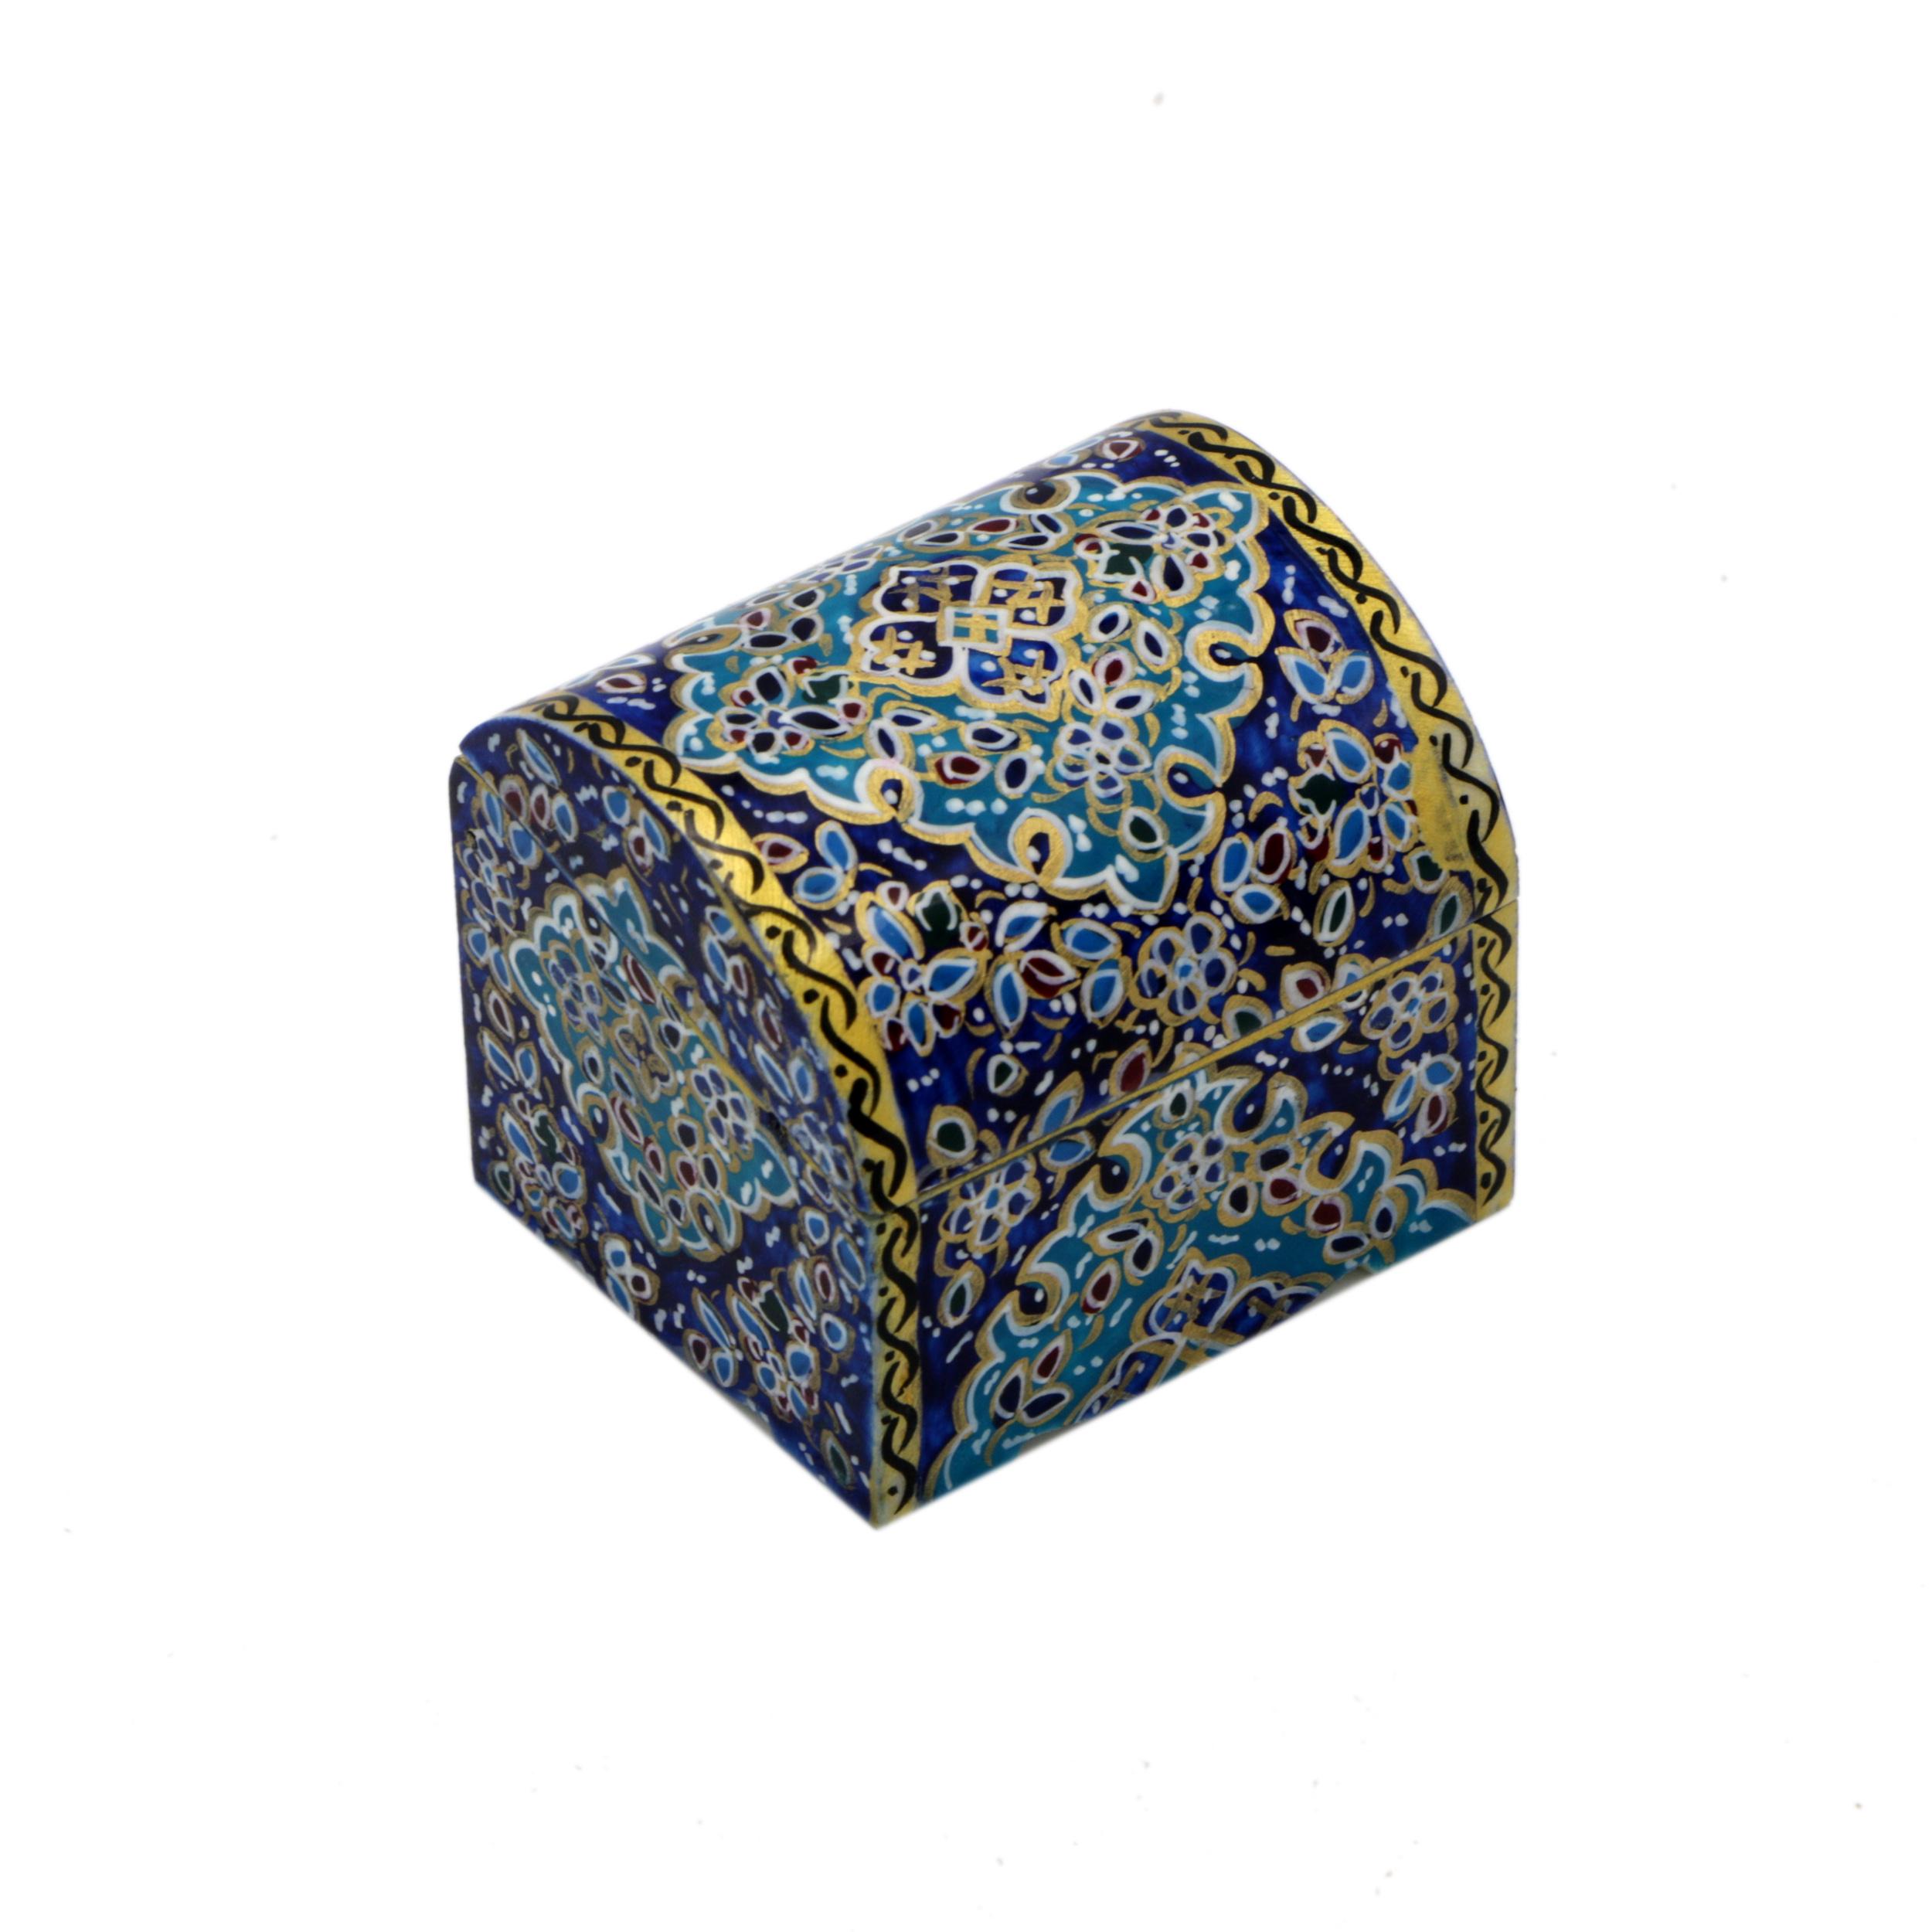 جعبه جواهرات استخوانی طرح اسلیمی کد m10